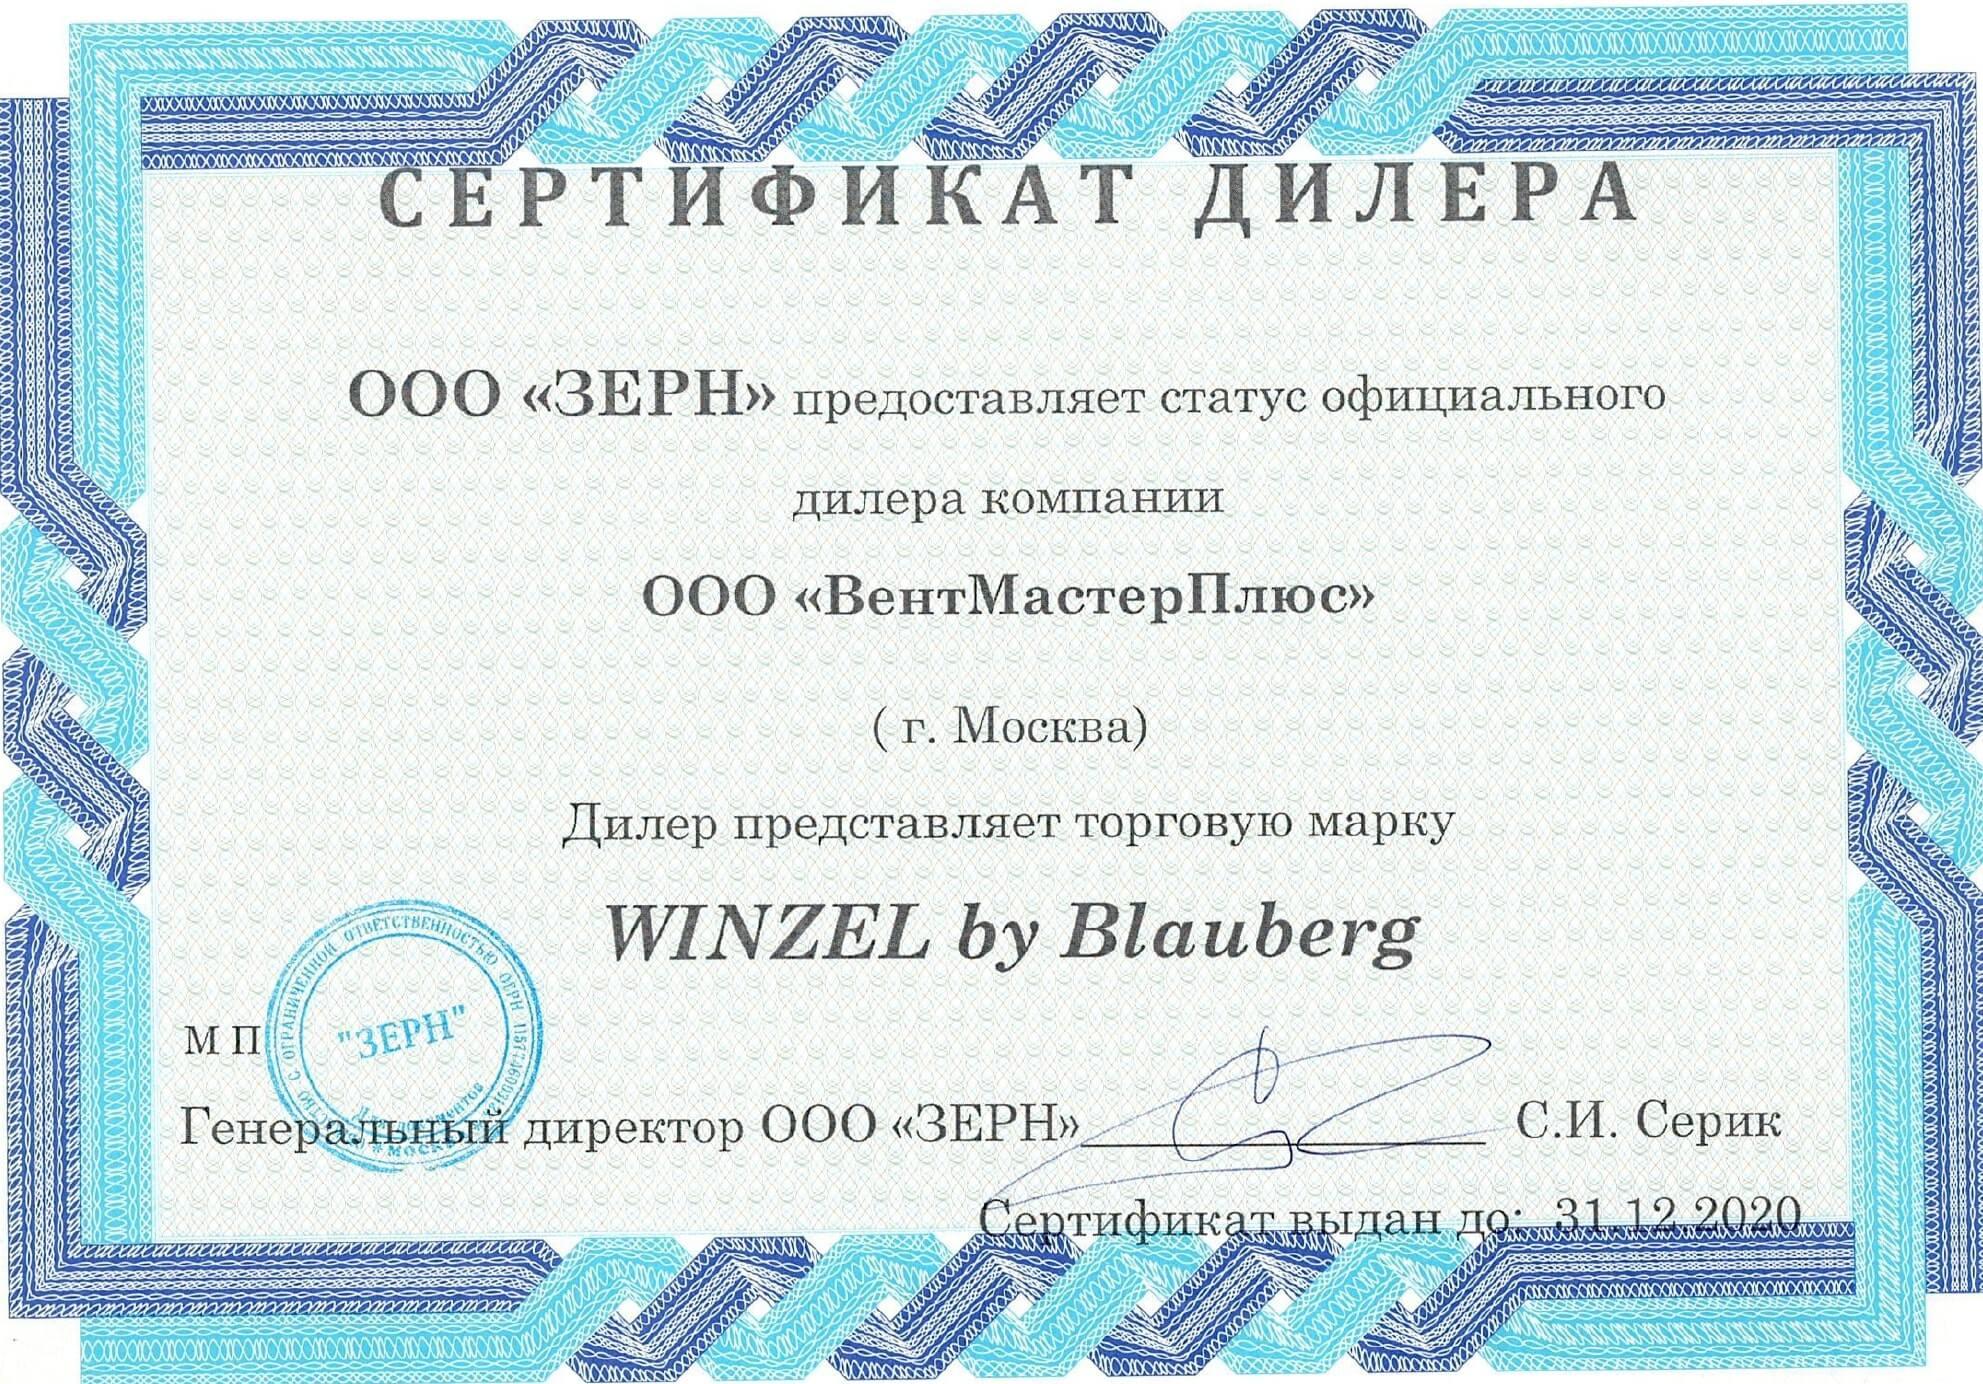 Сертификат дилера торговой марки WINZEL Blauberg